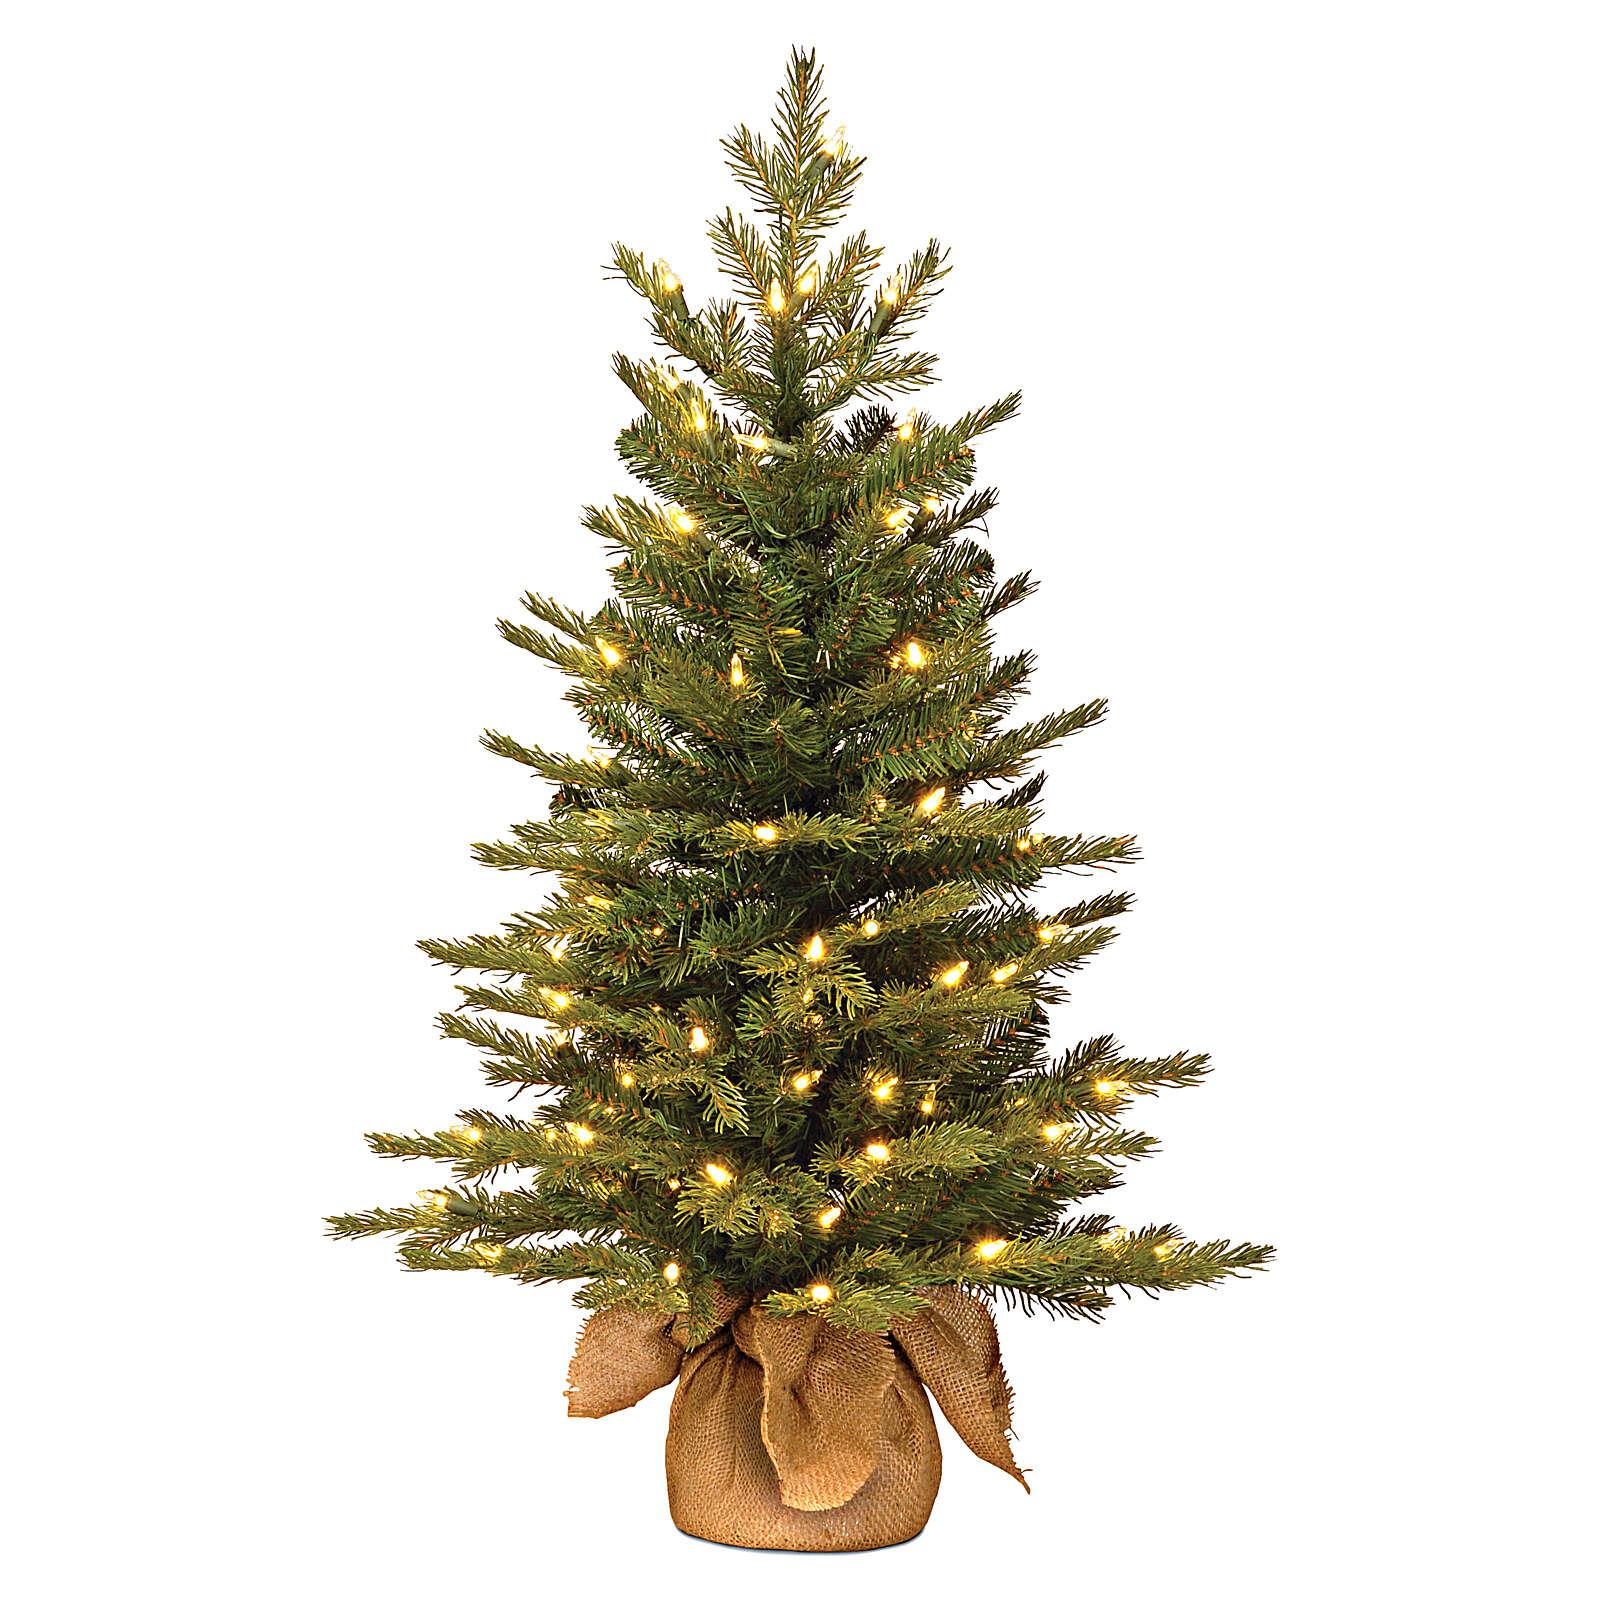 Árvore de Natal 90 cm com juta modelo Noble Spruce Slim 3